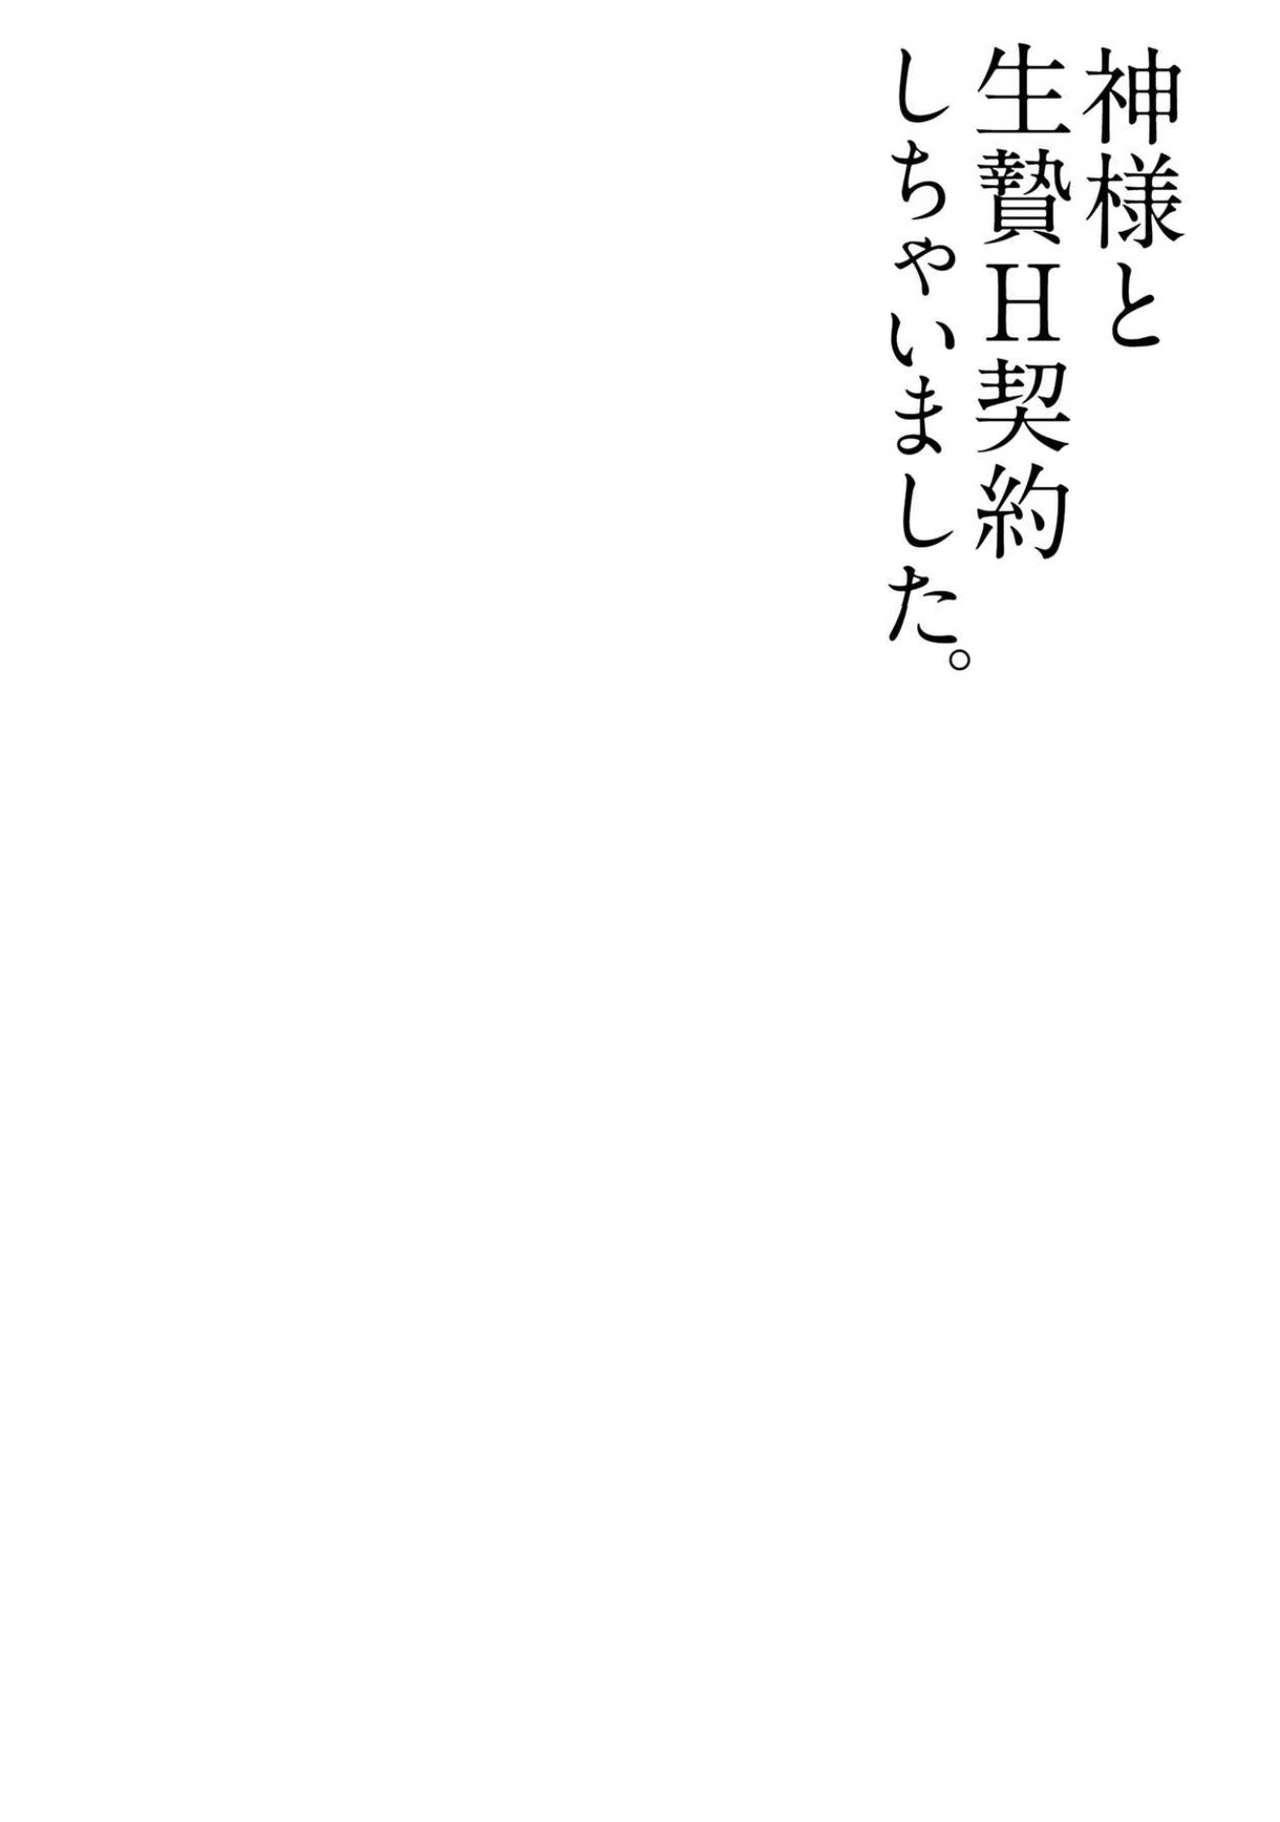 [Hachikawa Kyuu] Kami-sama to Ikenie H Keiyaku Shichaimashita | 我与神明大人签订了祭品H契约 1-3 [Chinese] [莉赛特汉化组] 27